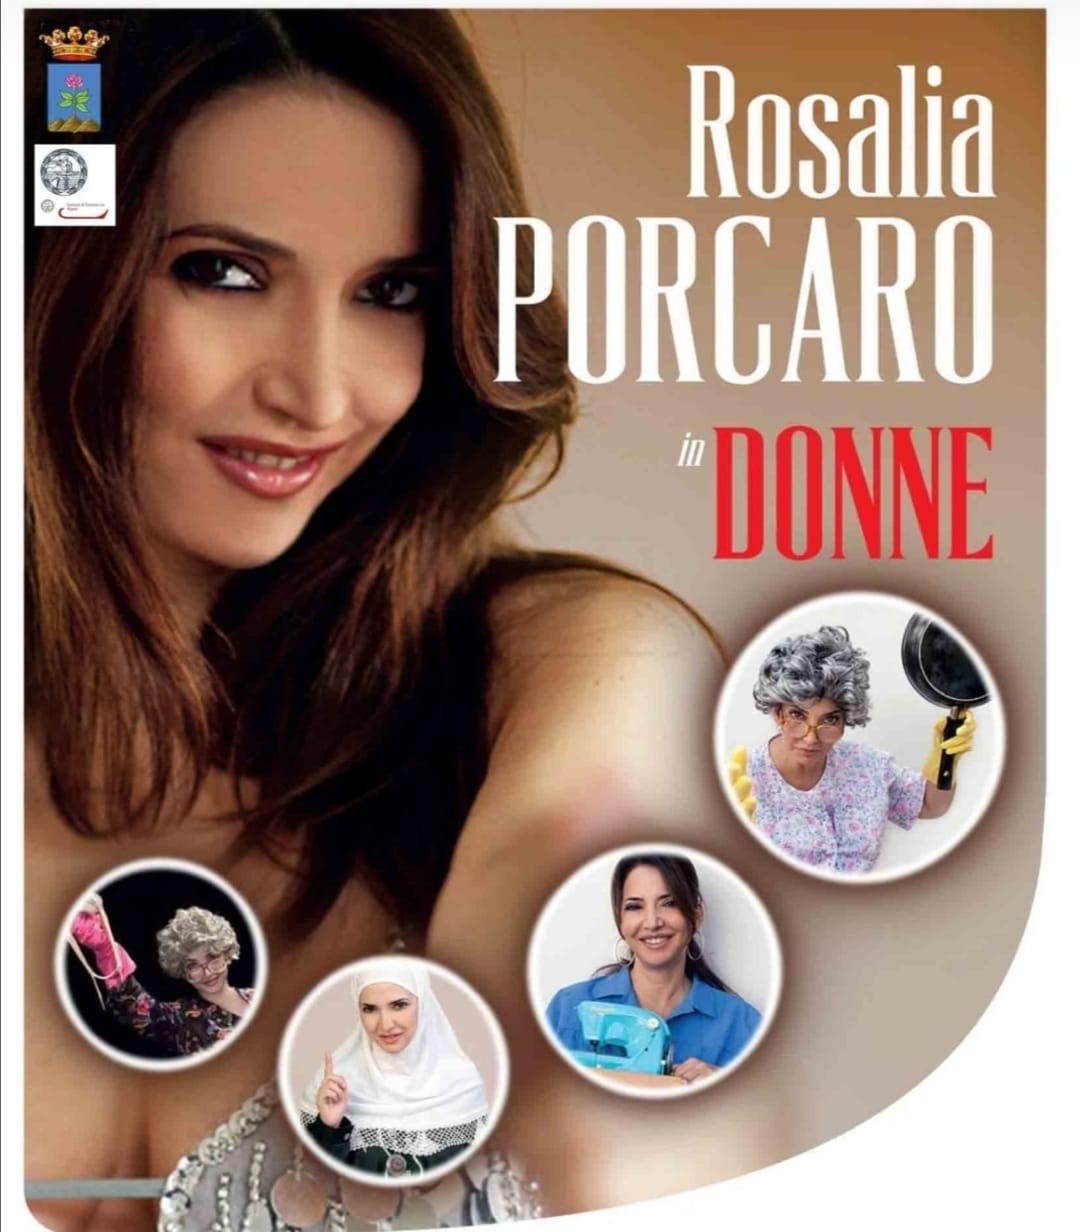 Spettacolo di Rosalia Porcaro a Forio